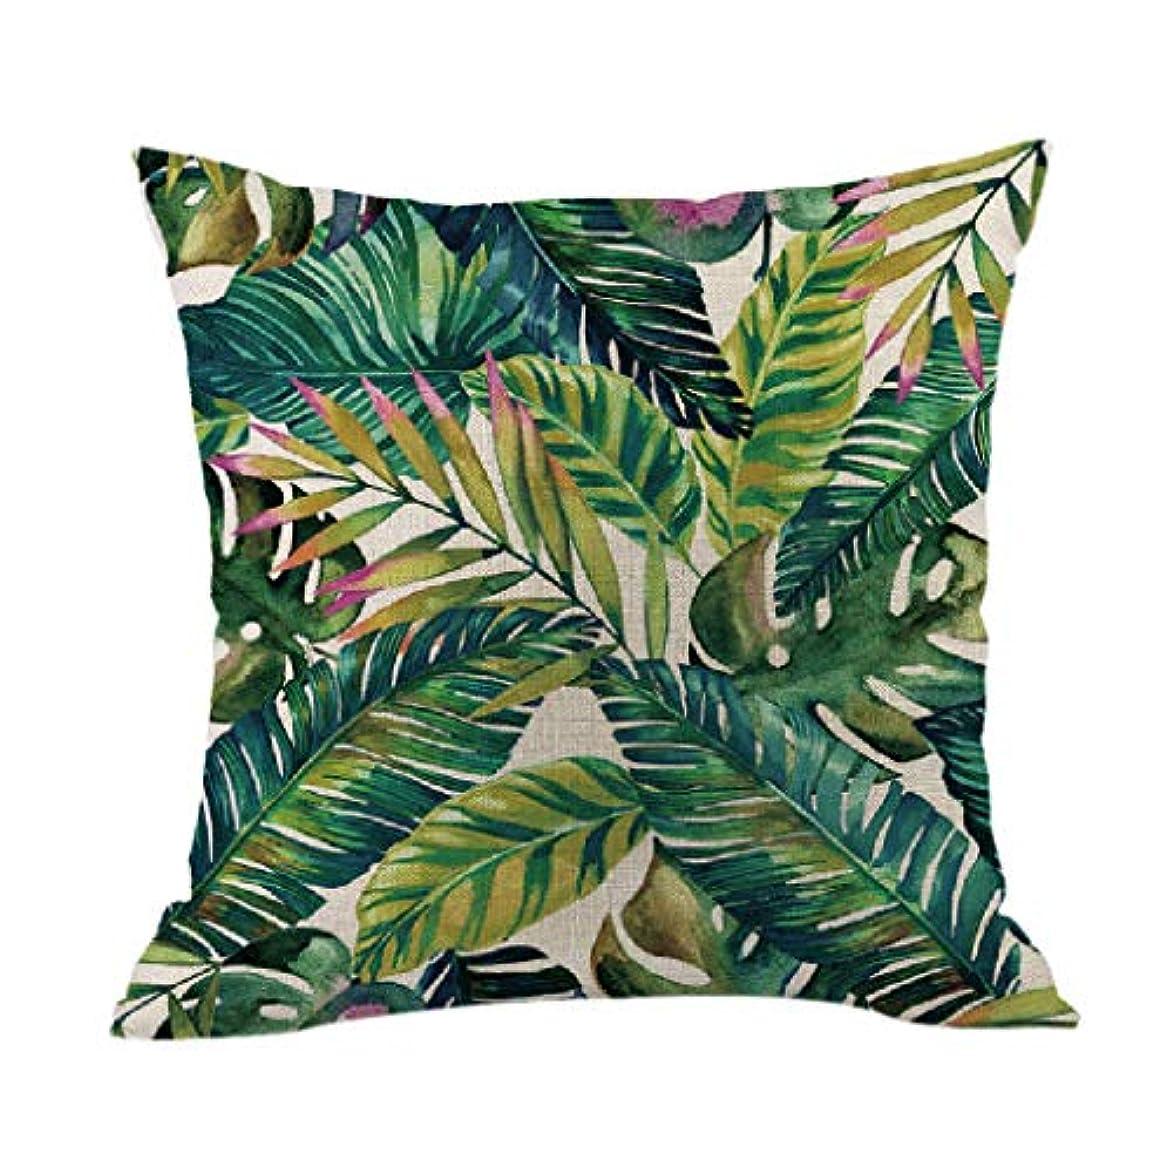 ライナーパッドコークスLIFE 高品質クッション熱帯植物ポリエステル枕ソファ投げるパッドセットホーム人格クッション coussin decoratif クッション 椅子